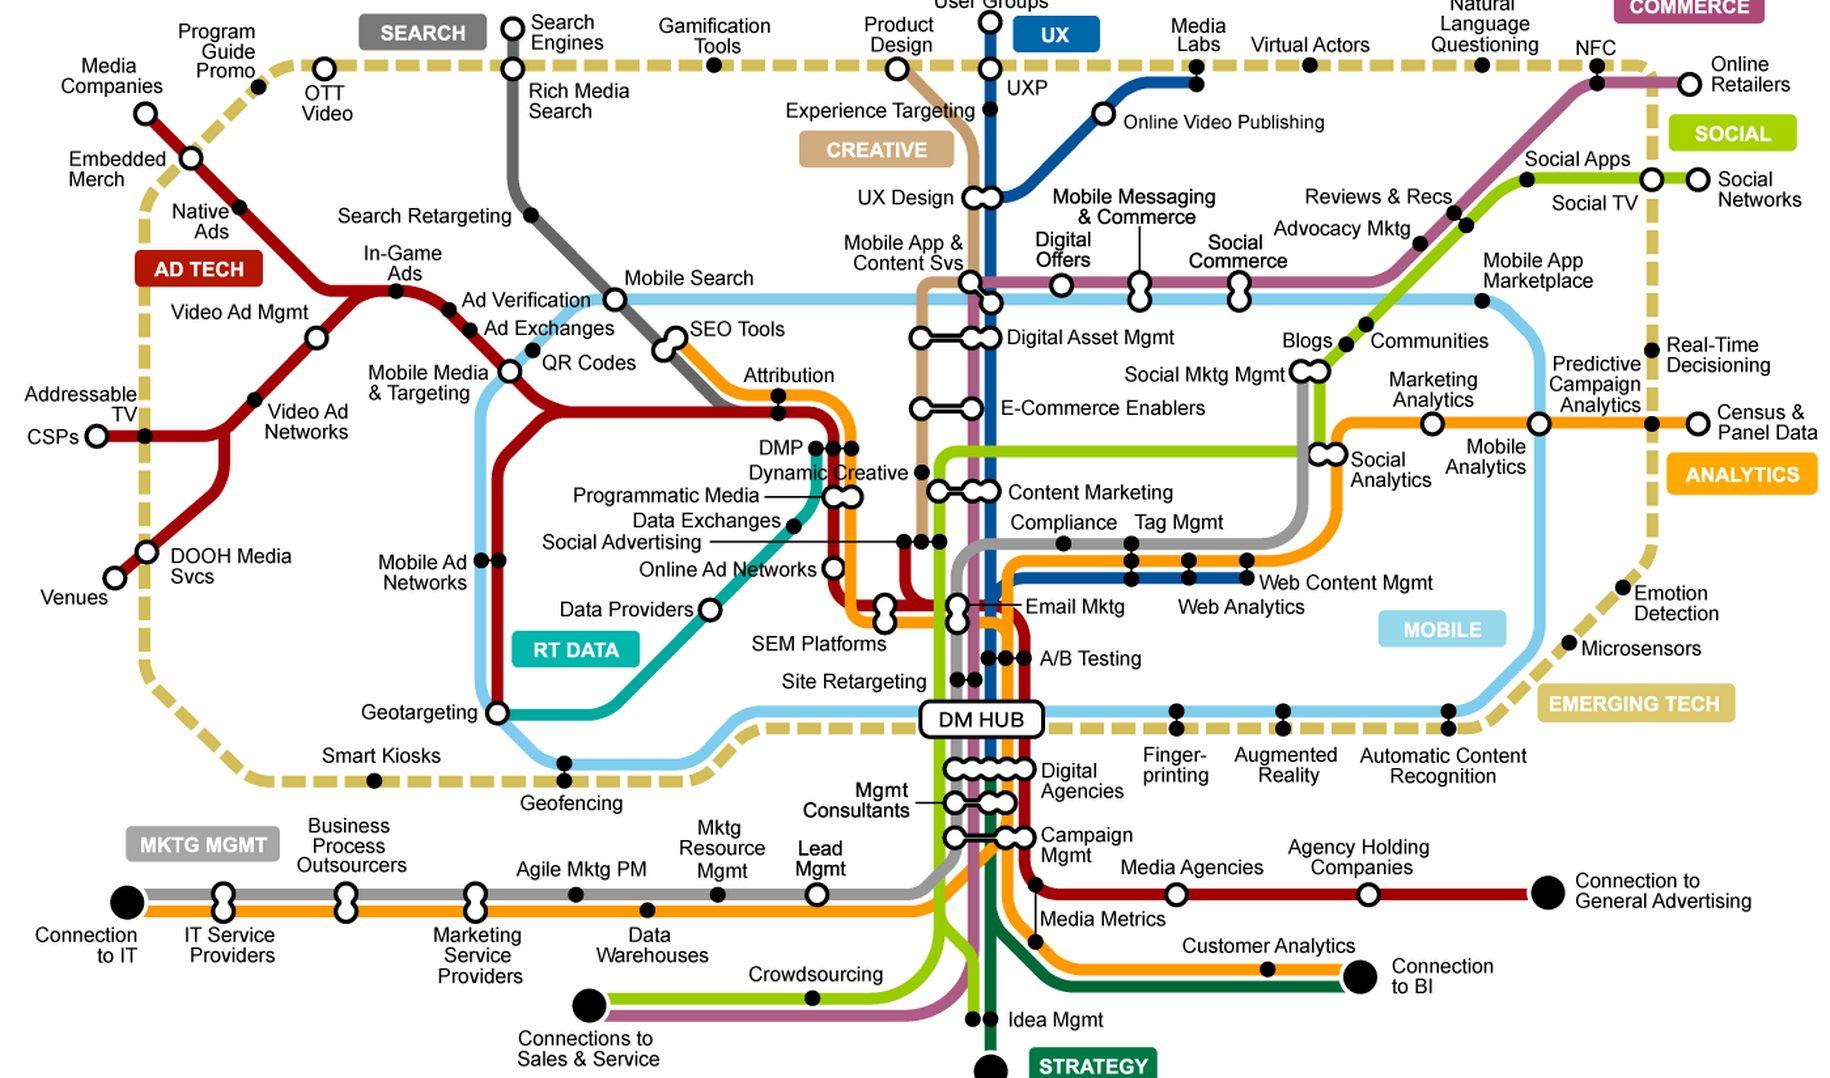 Inset from from Digital Marketing Map. Copyright Gartner 2013